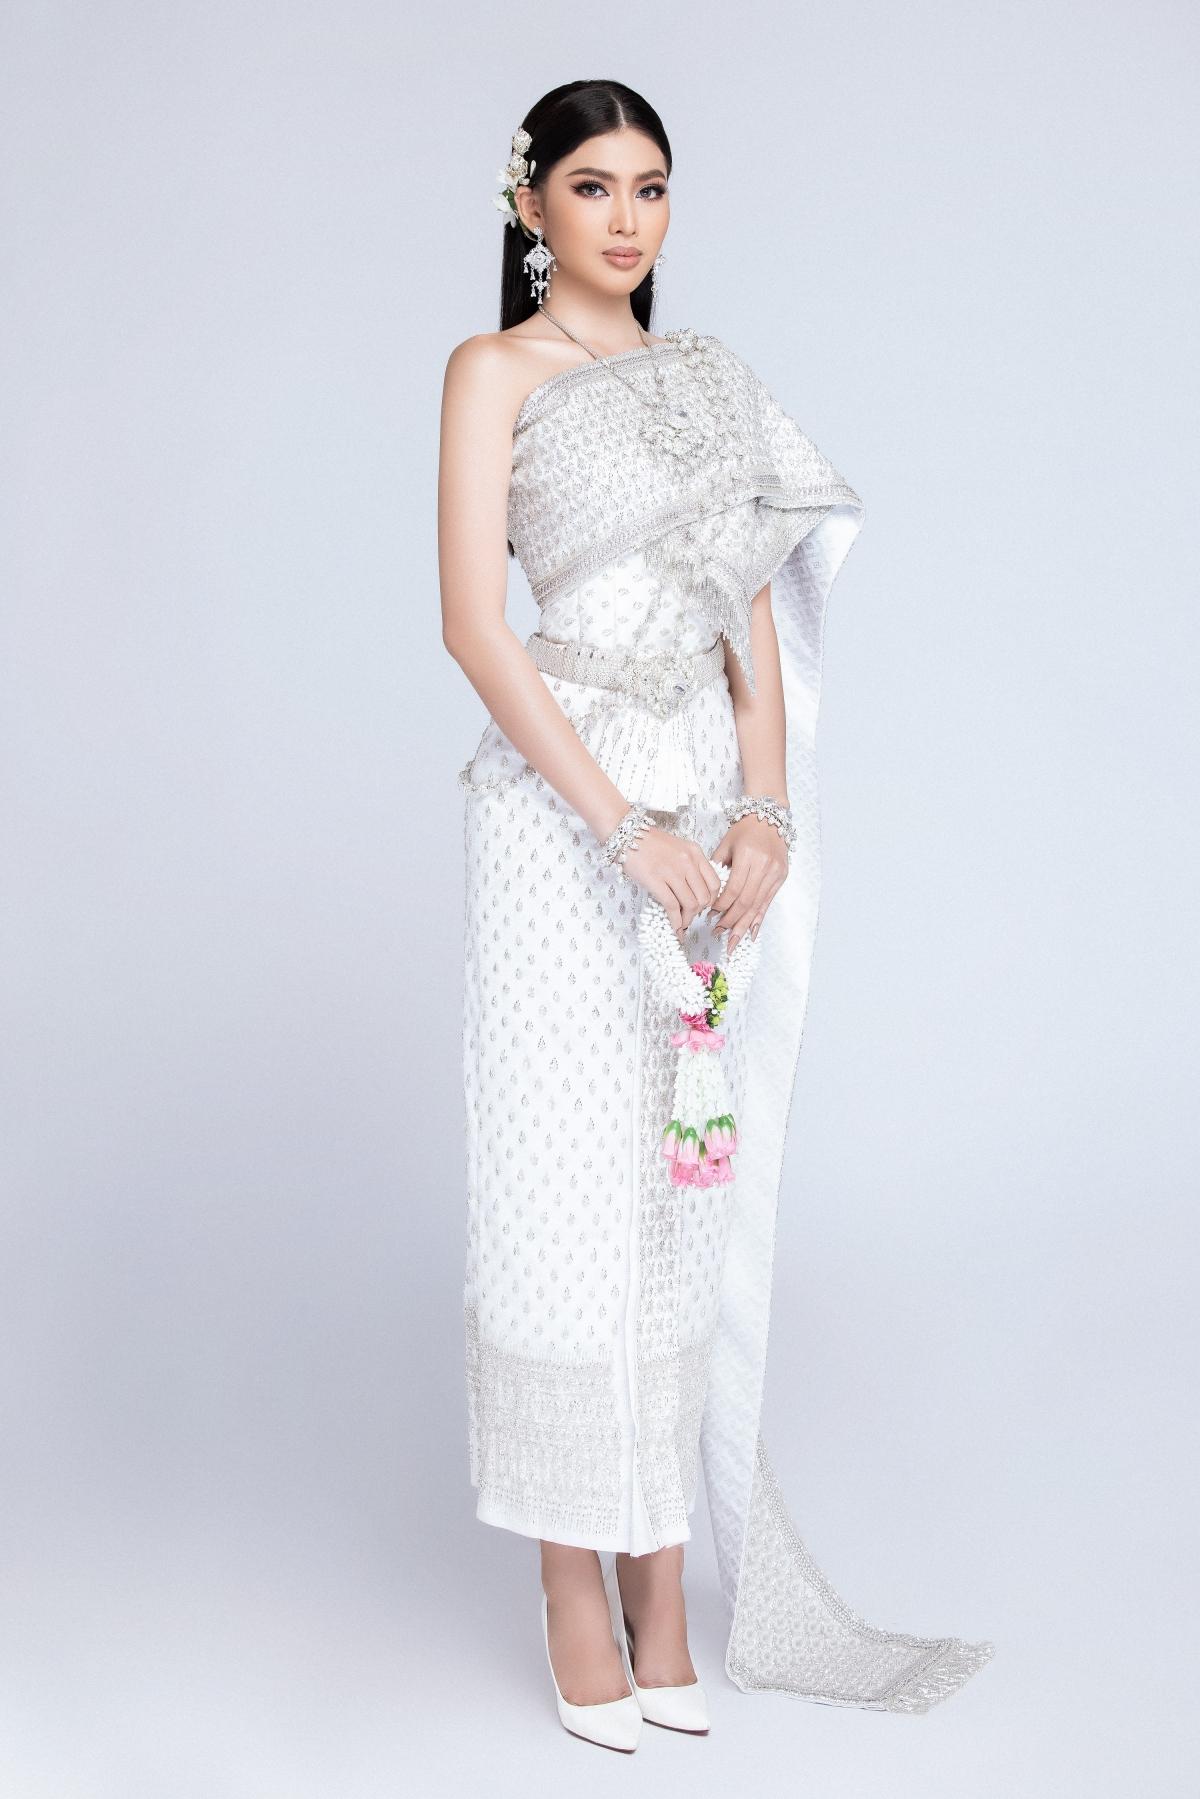 """Sau hơn 1 tuần cách ly, nàng Á hậu cùng các đại diện khác đã có được trải qua những thử thách thú vị từ BTC như tự quay clip giới thiệu, ăn đồ Thái trong vòng 2 phút và mới đây là """"Diện trang phục Thái Lan""""."""